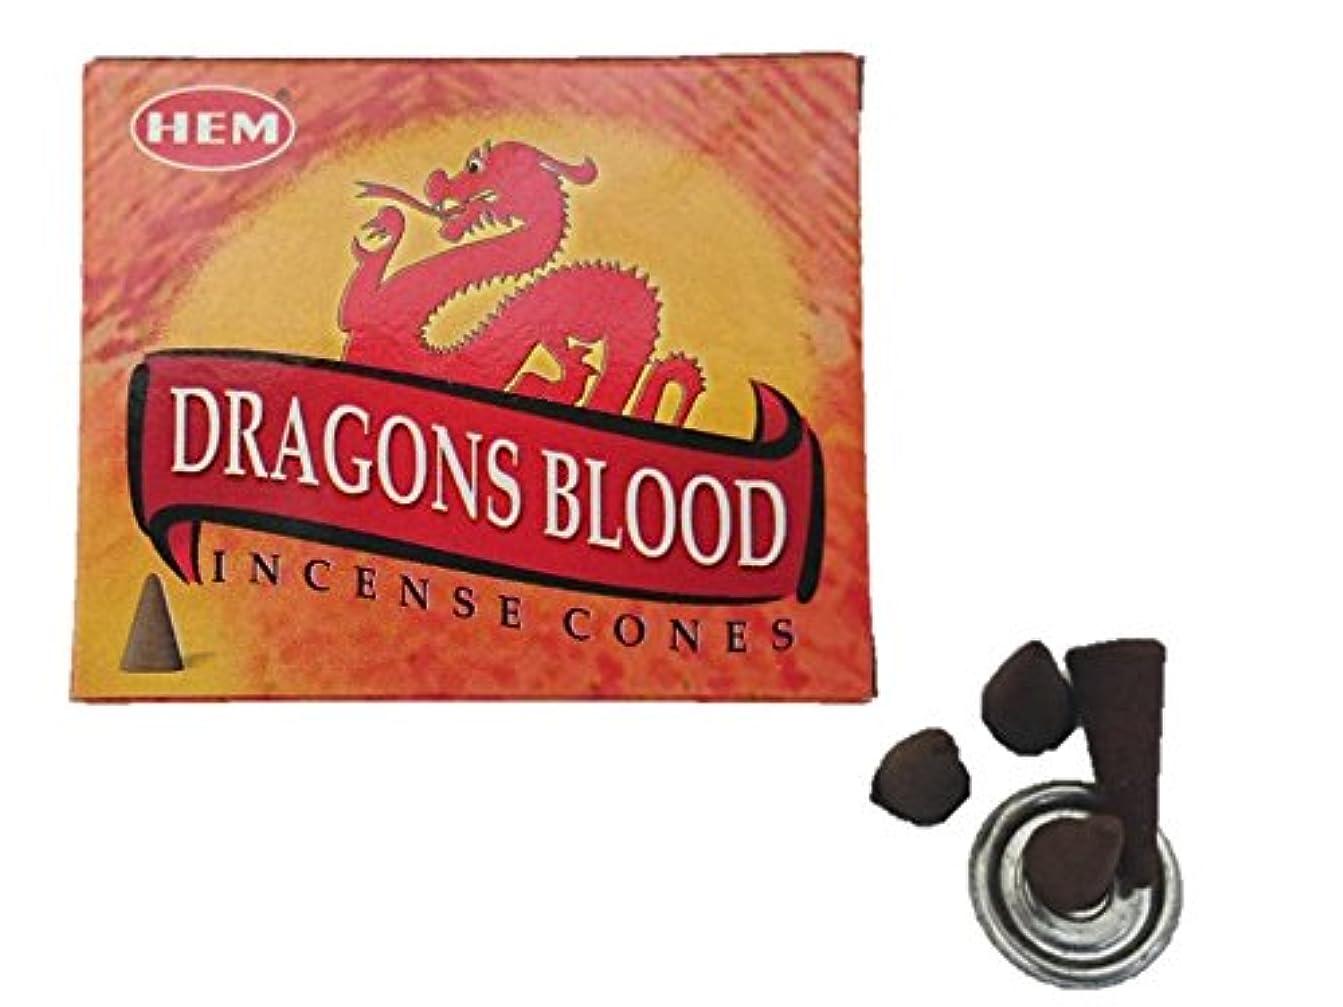 差し引く平行人物HEM(ヘム)お香 ドラゴンズブラッド コーン 1箱